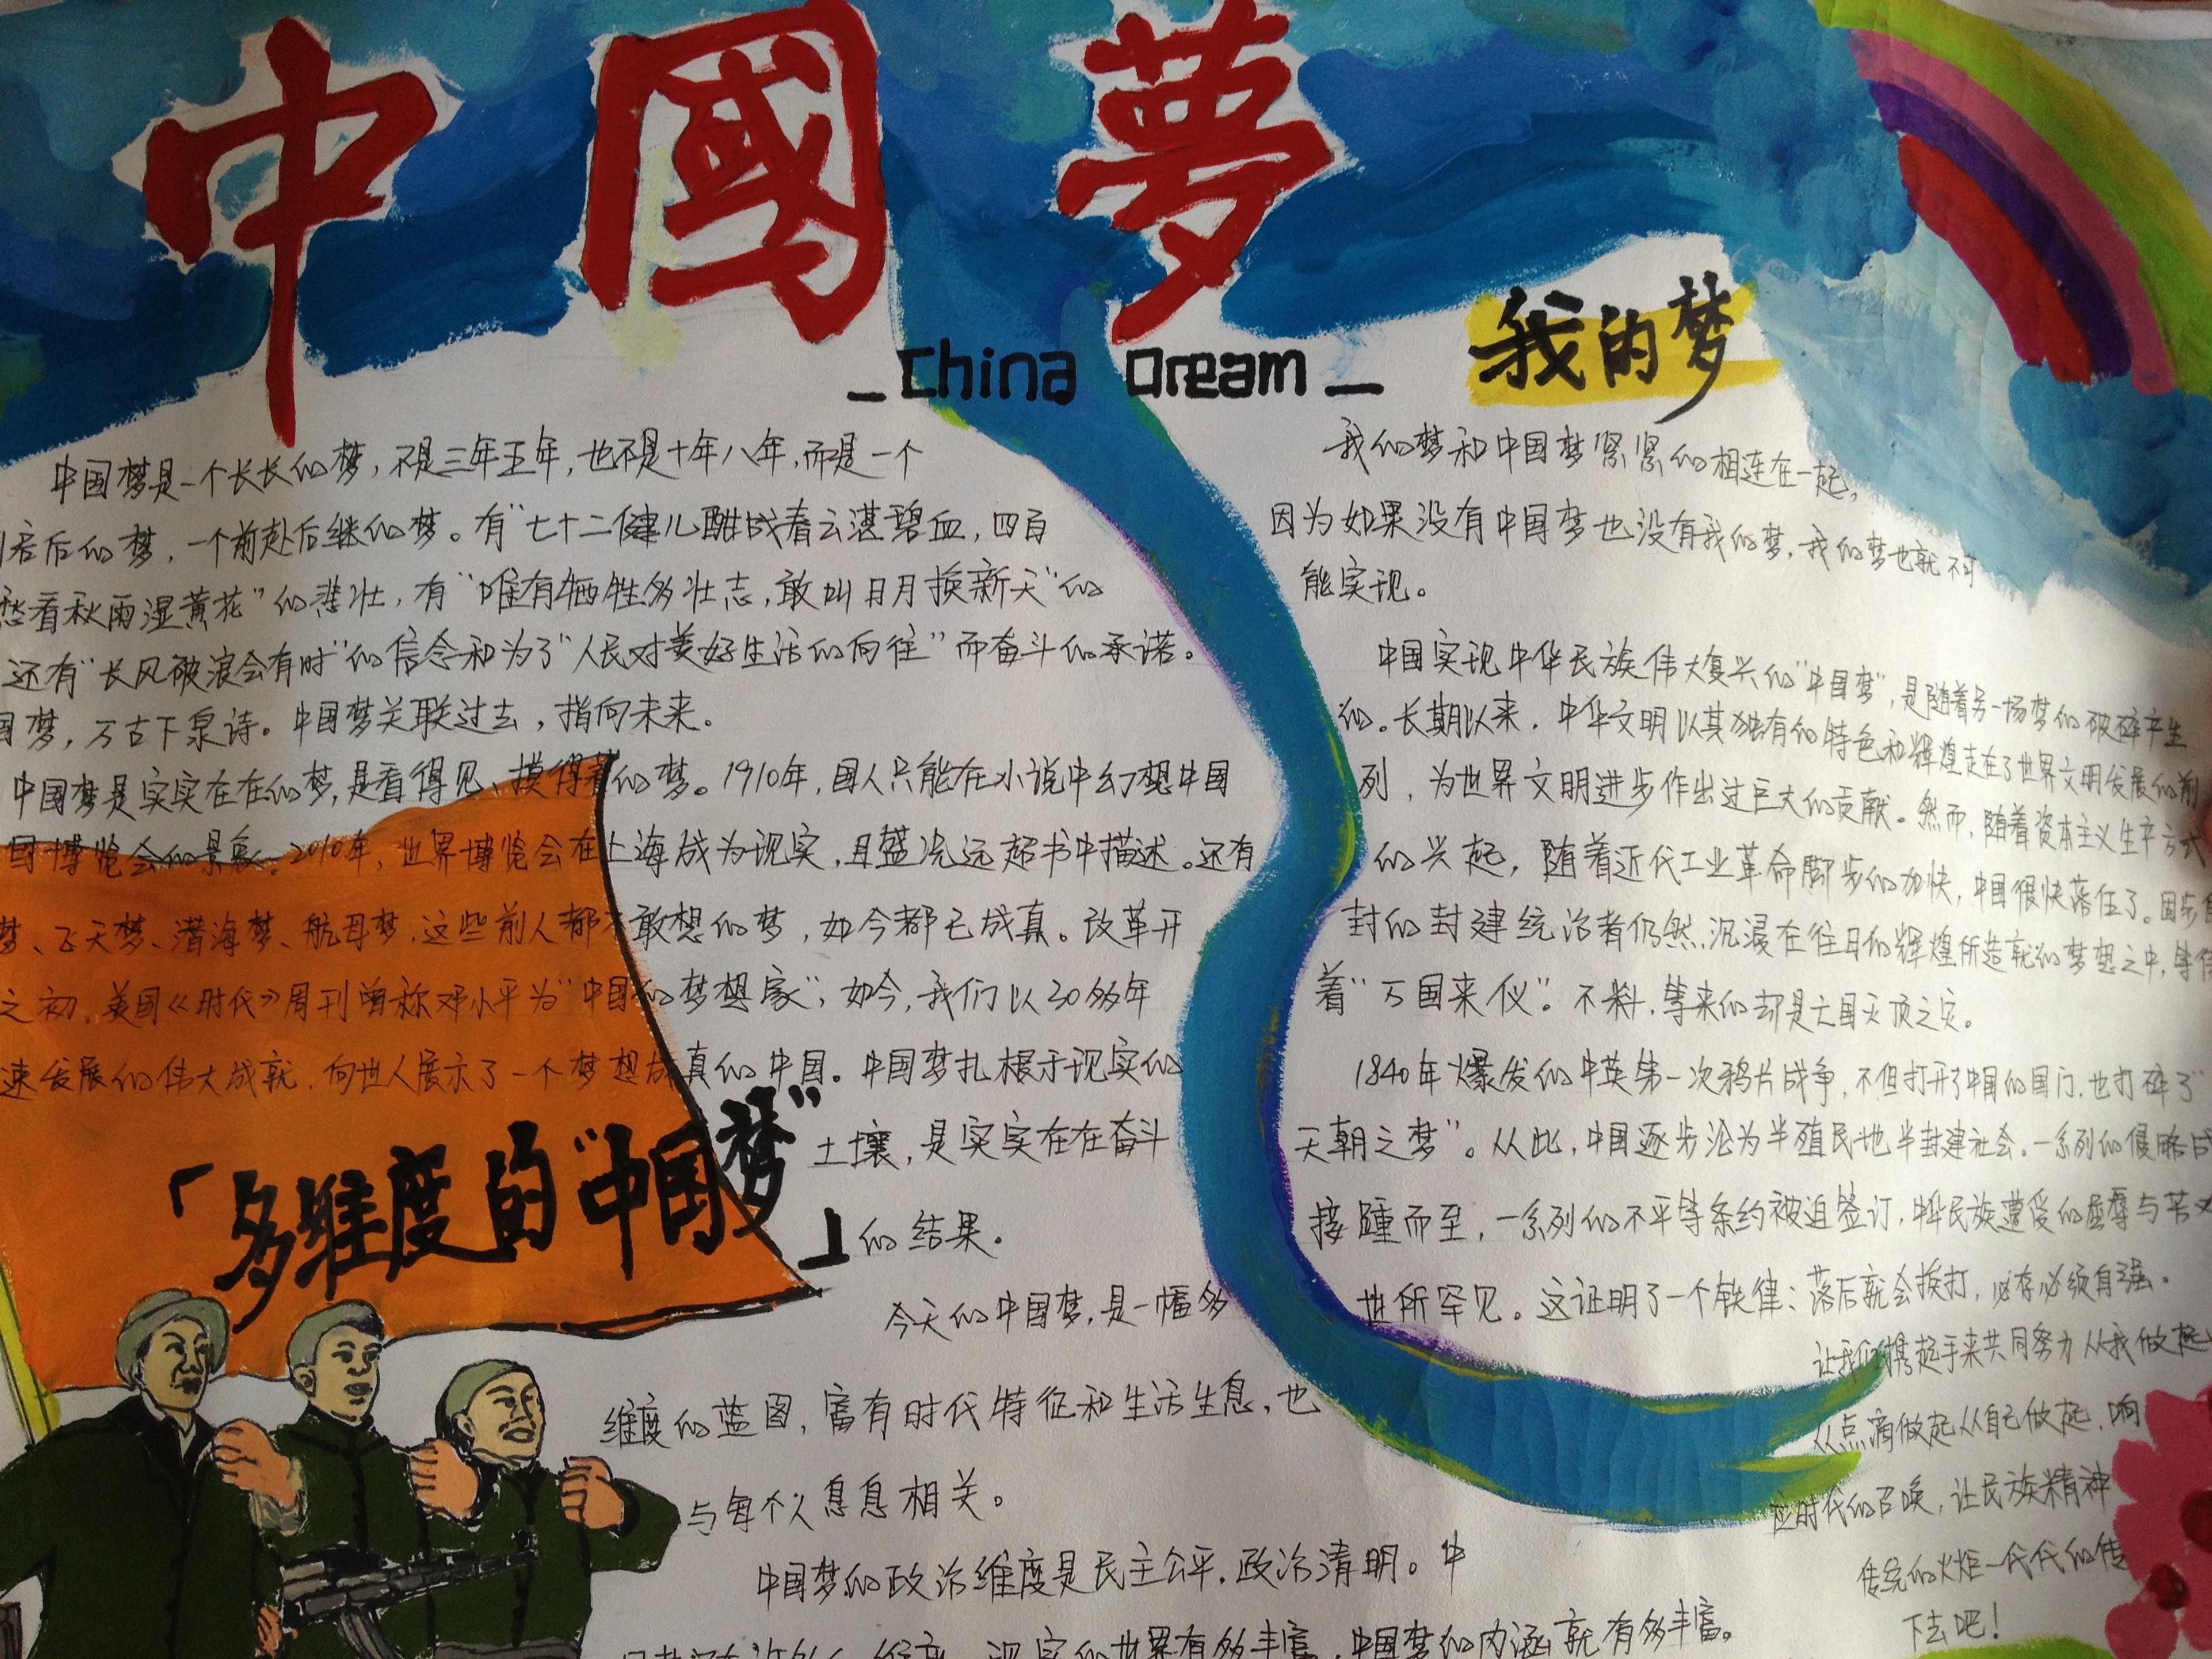 纪念 中国梦 手抄报比赛